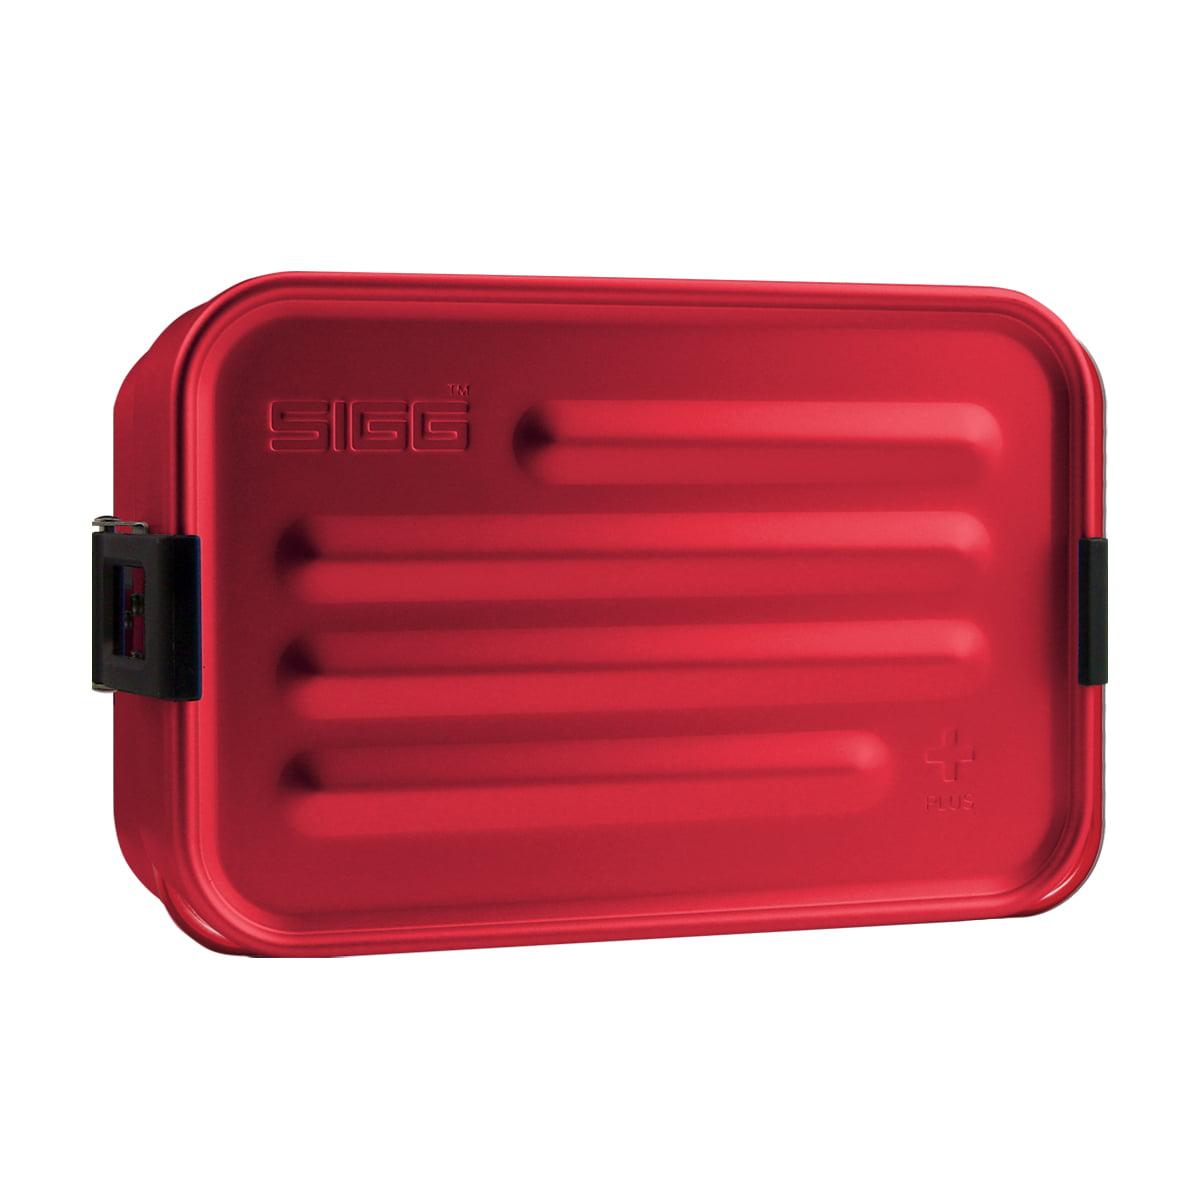 Sigg - Aluminium Box Brotdose Plus S, rot   Küche und Esszimmer > Aufbewahrung > Brotkasten   Rot   Sigg